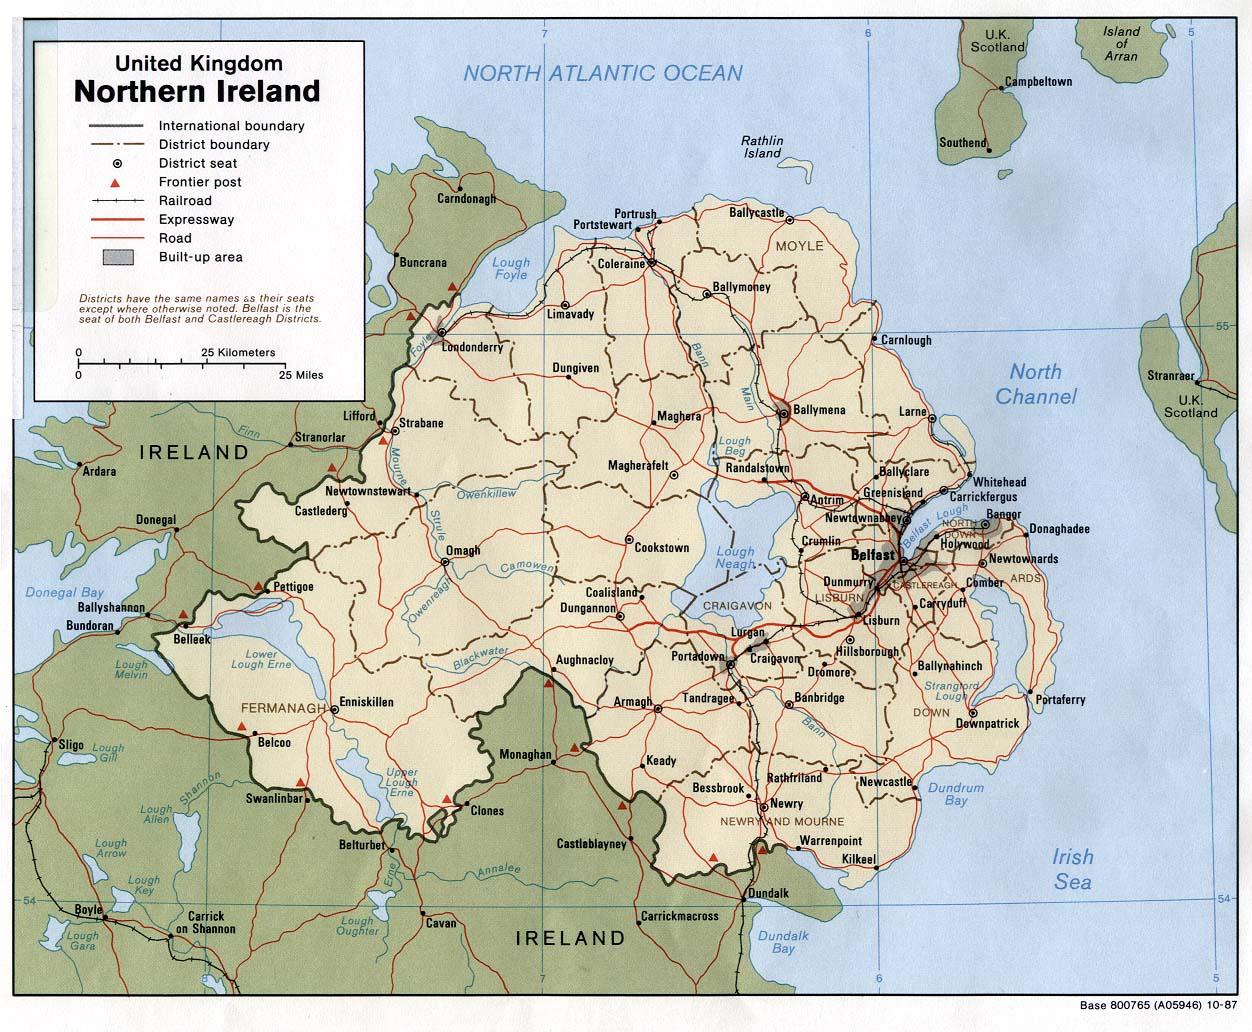 Detailed Map Of Ireland.Maps Of Ireland Detailed Map Of Ireland In English Tourist Map